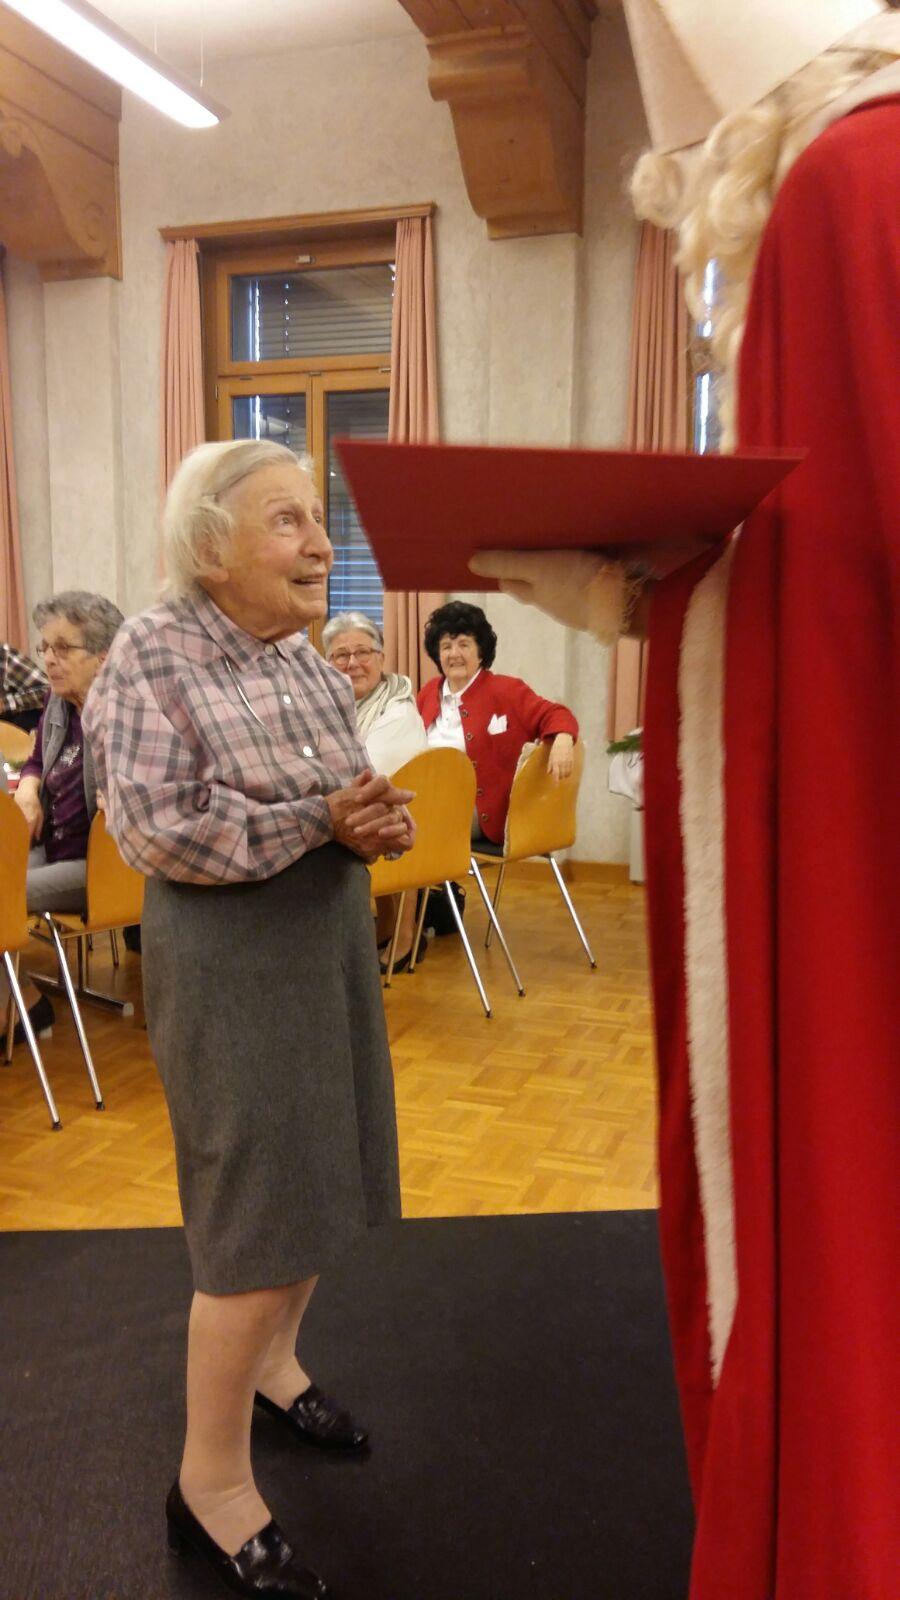 Seniorenchlaus - Gedichte vortragen immer noch aktuell